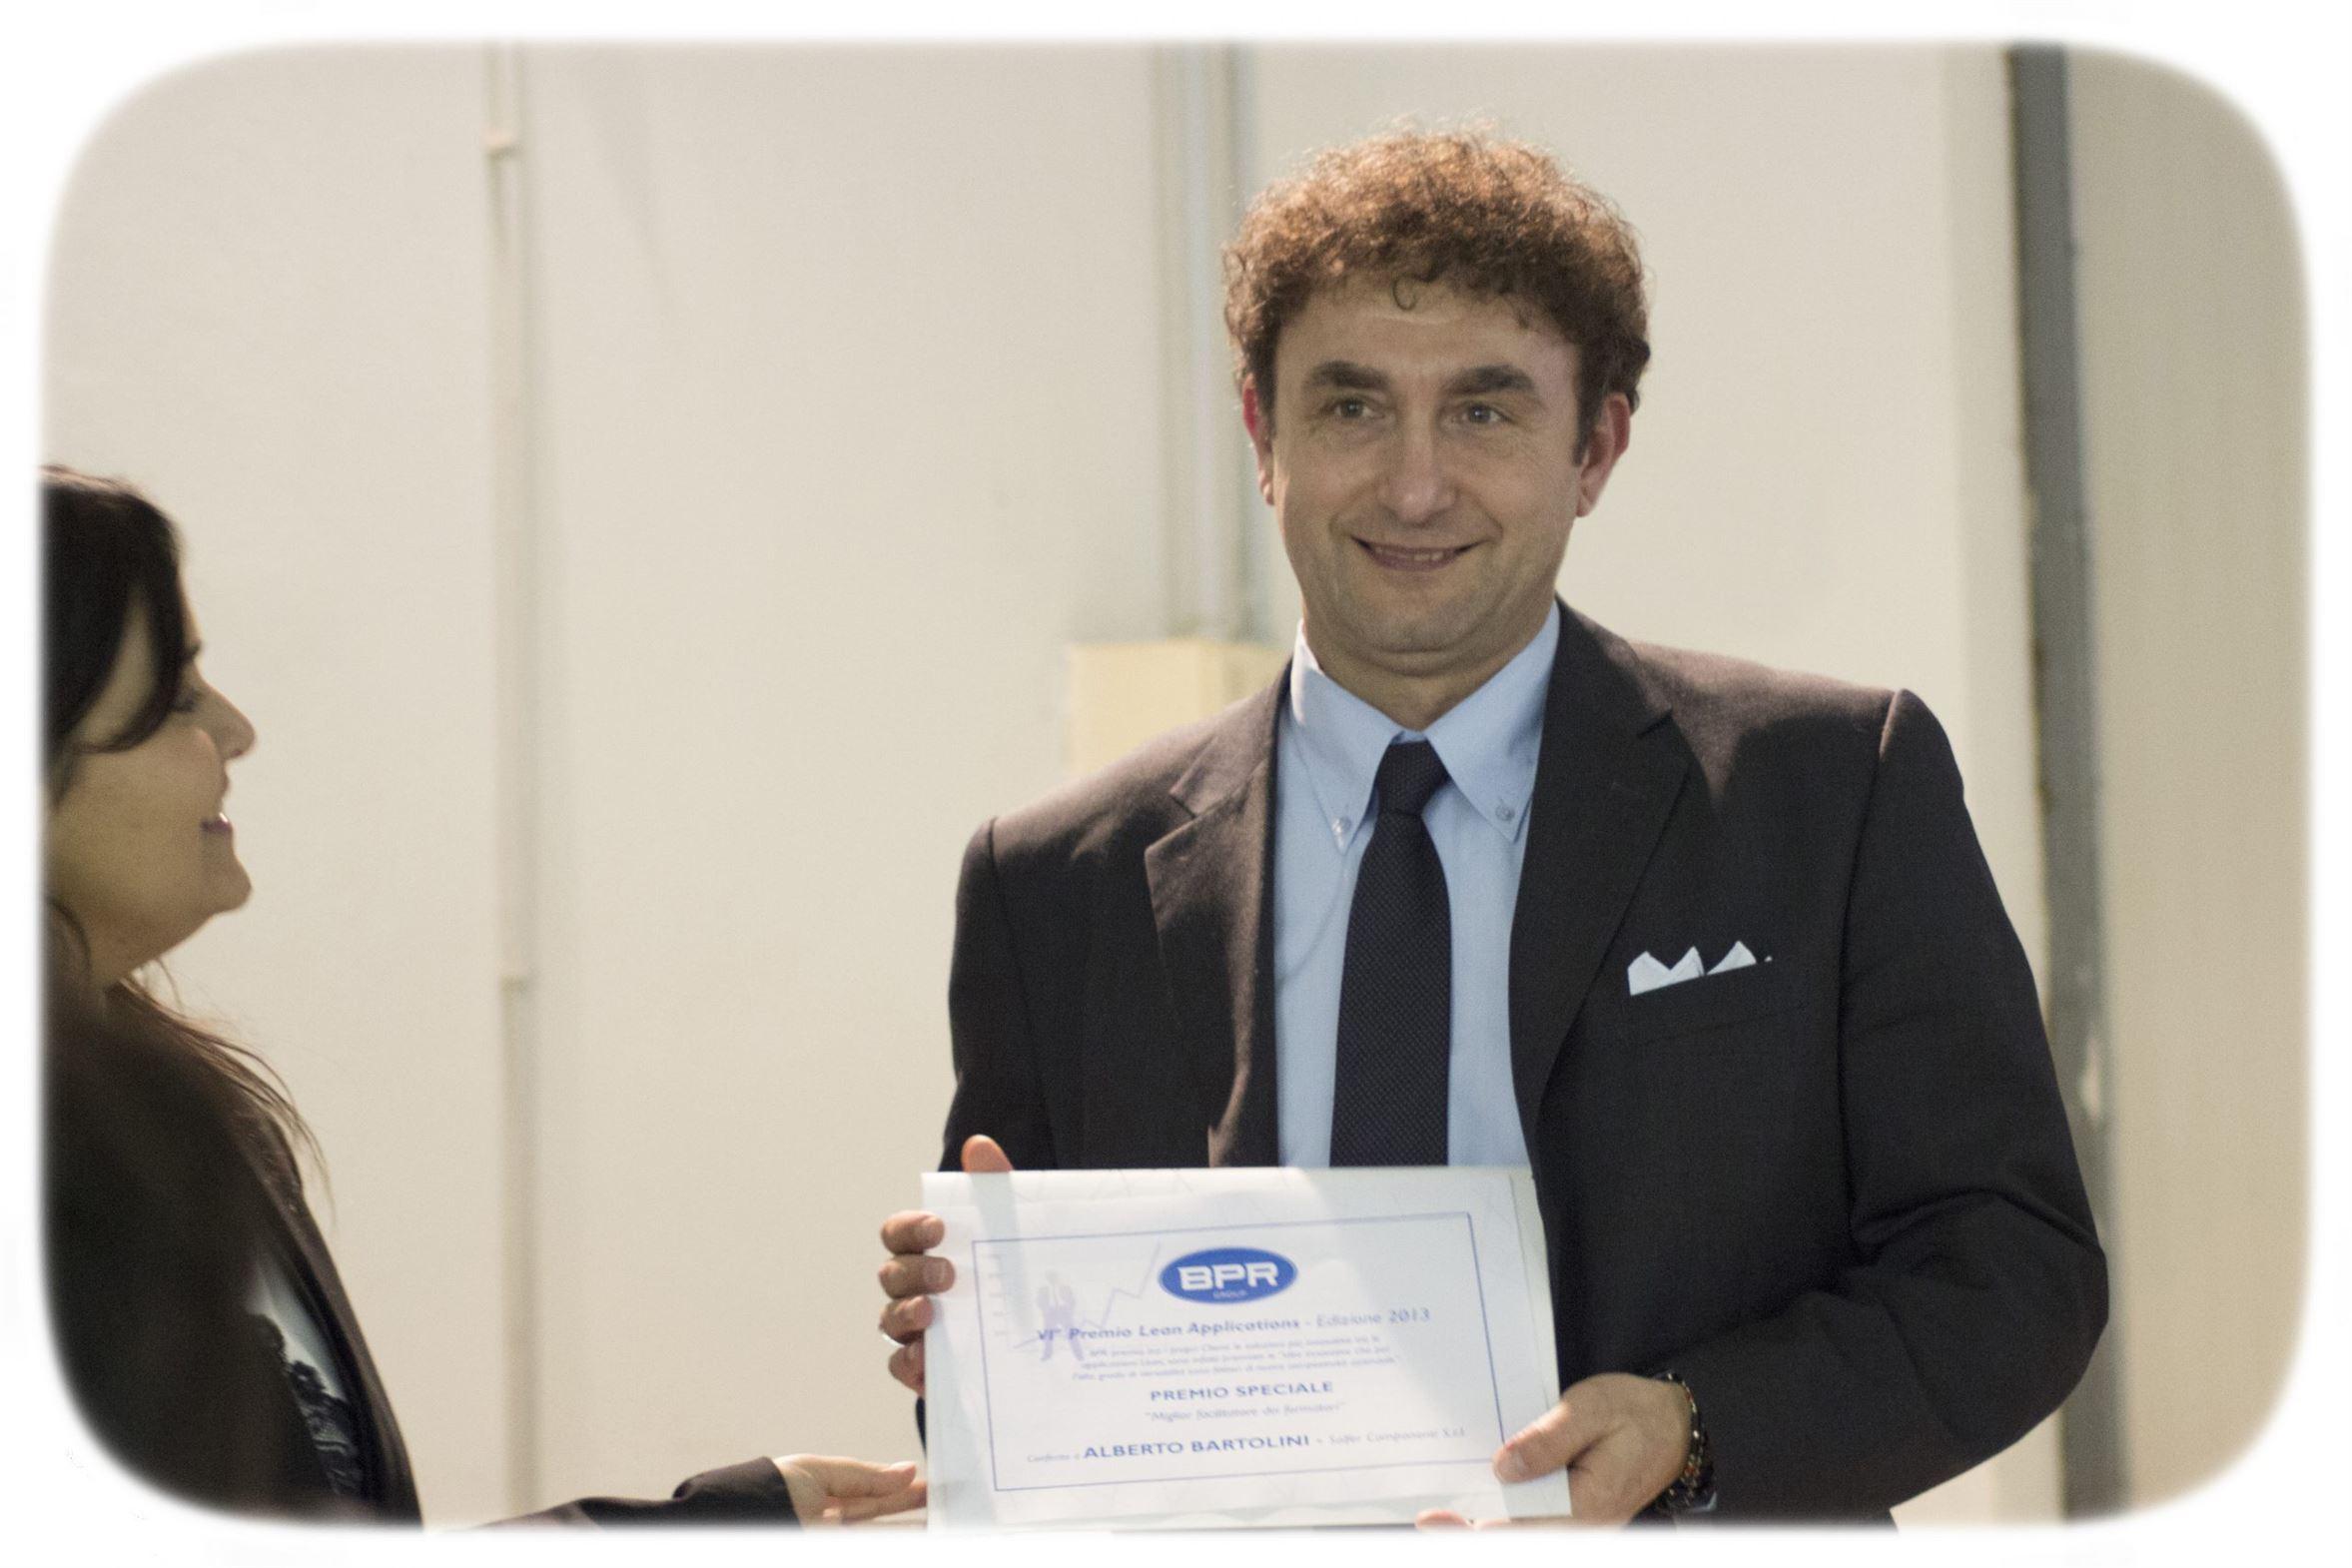 Premio Lean Applications 2014: EVENTO PREMIAZIONE